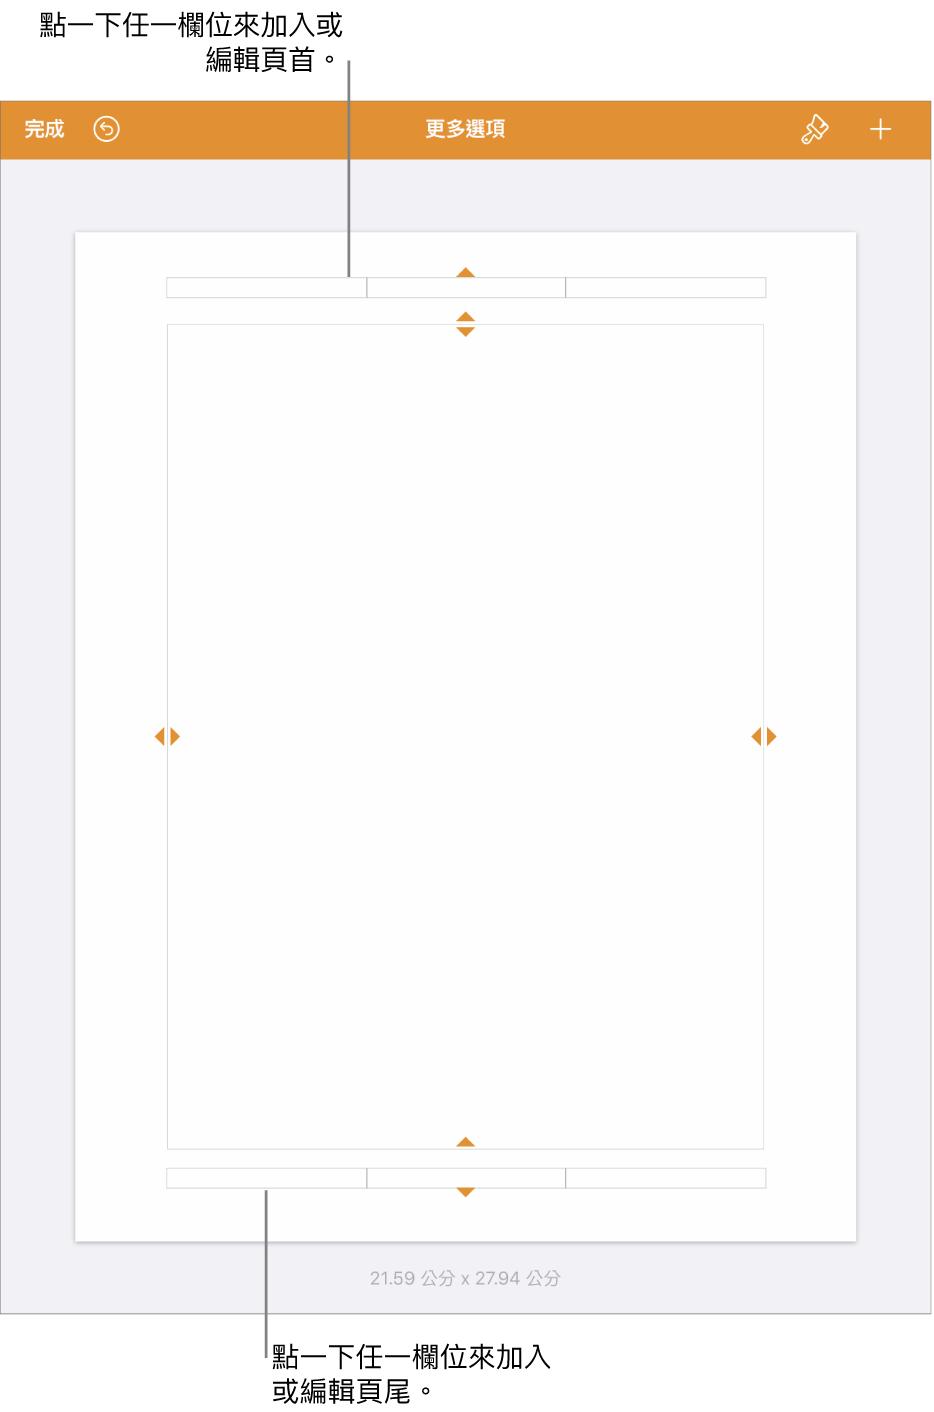 「更多選項」顯示方式在文件最上方帶有三個頁首欄位,底部帶有三個頁尾欄位。